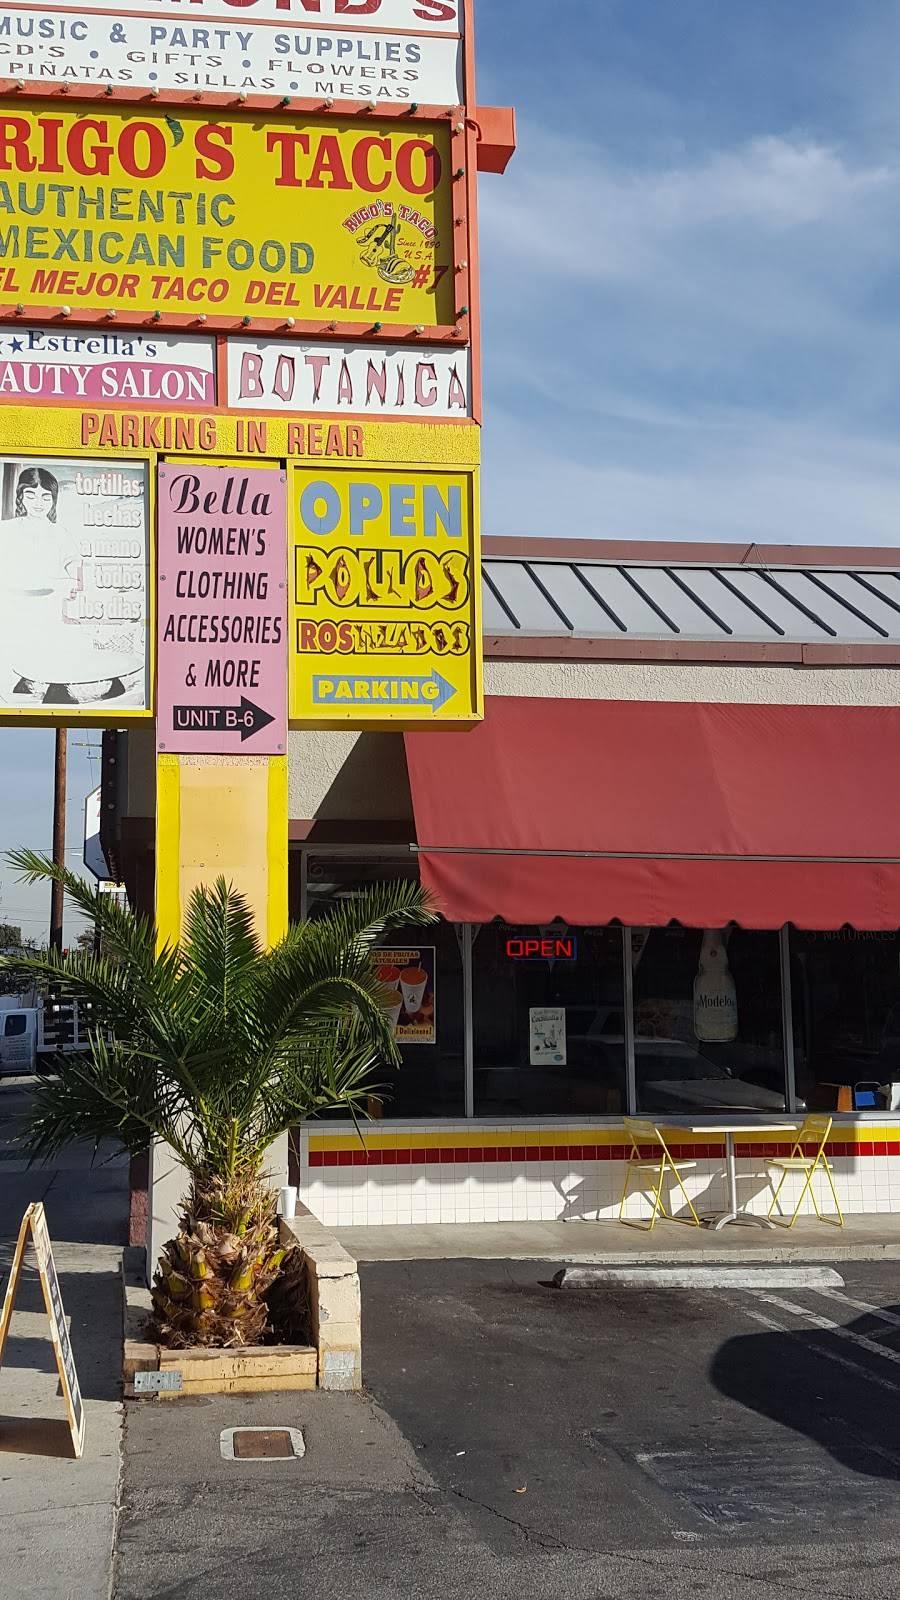 Rigos Taco   restaurant   20154 Saticoy St a1, Canoga Park, CA 91306, USA   8187189252 OR +1 818-718-9252